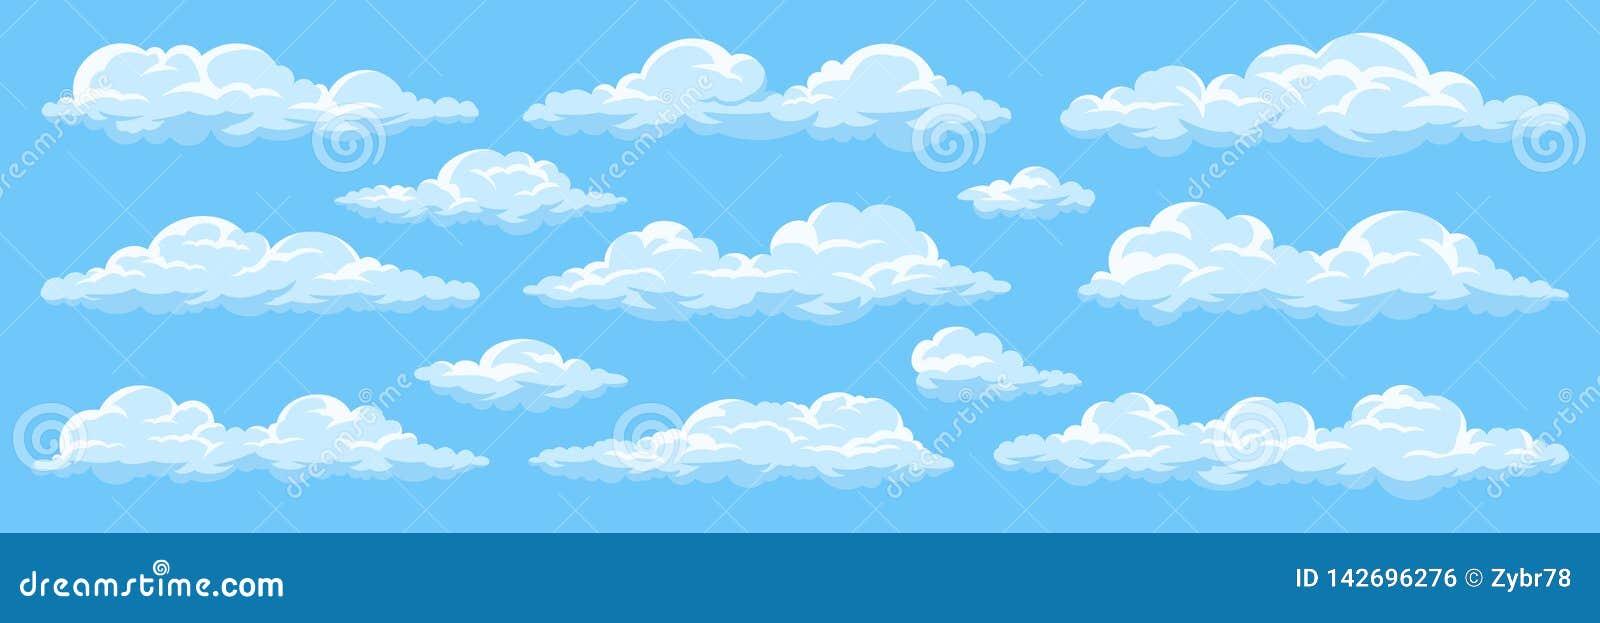 Insieme delle nuvole del fumetto